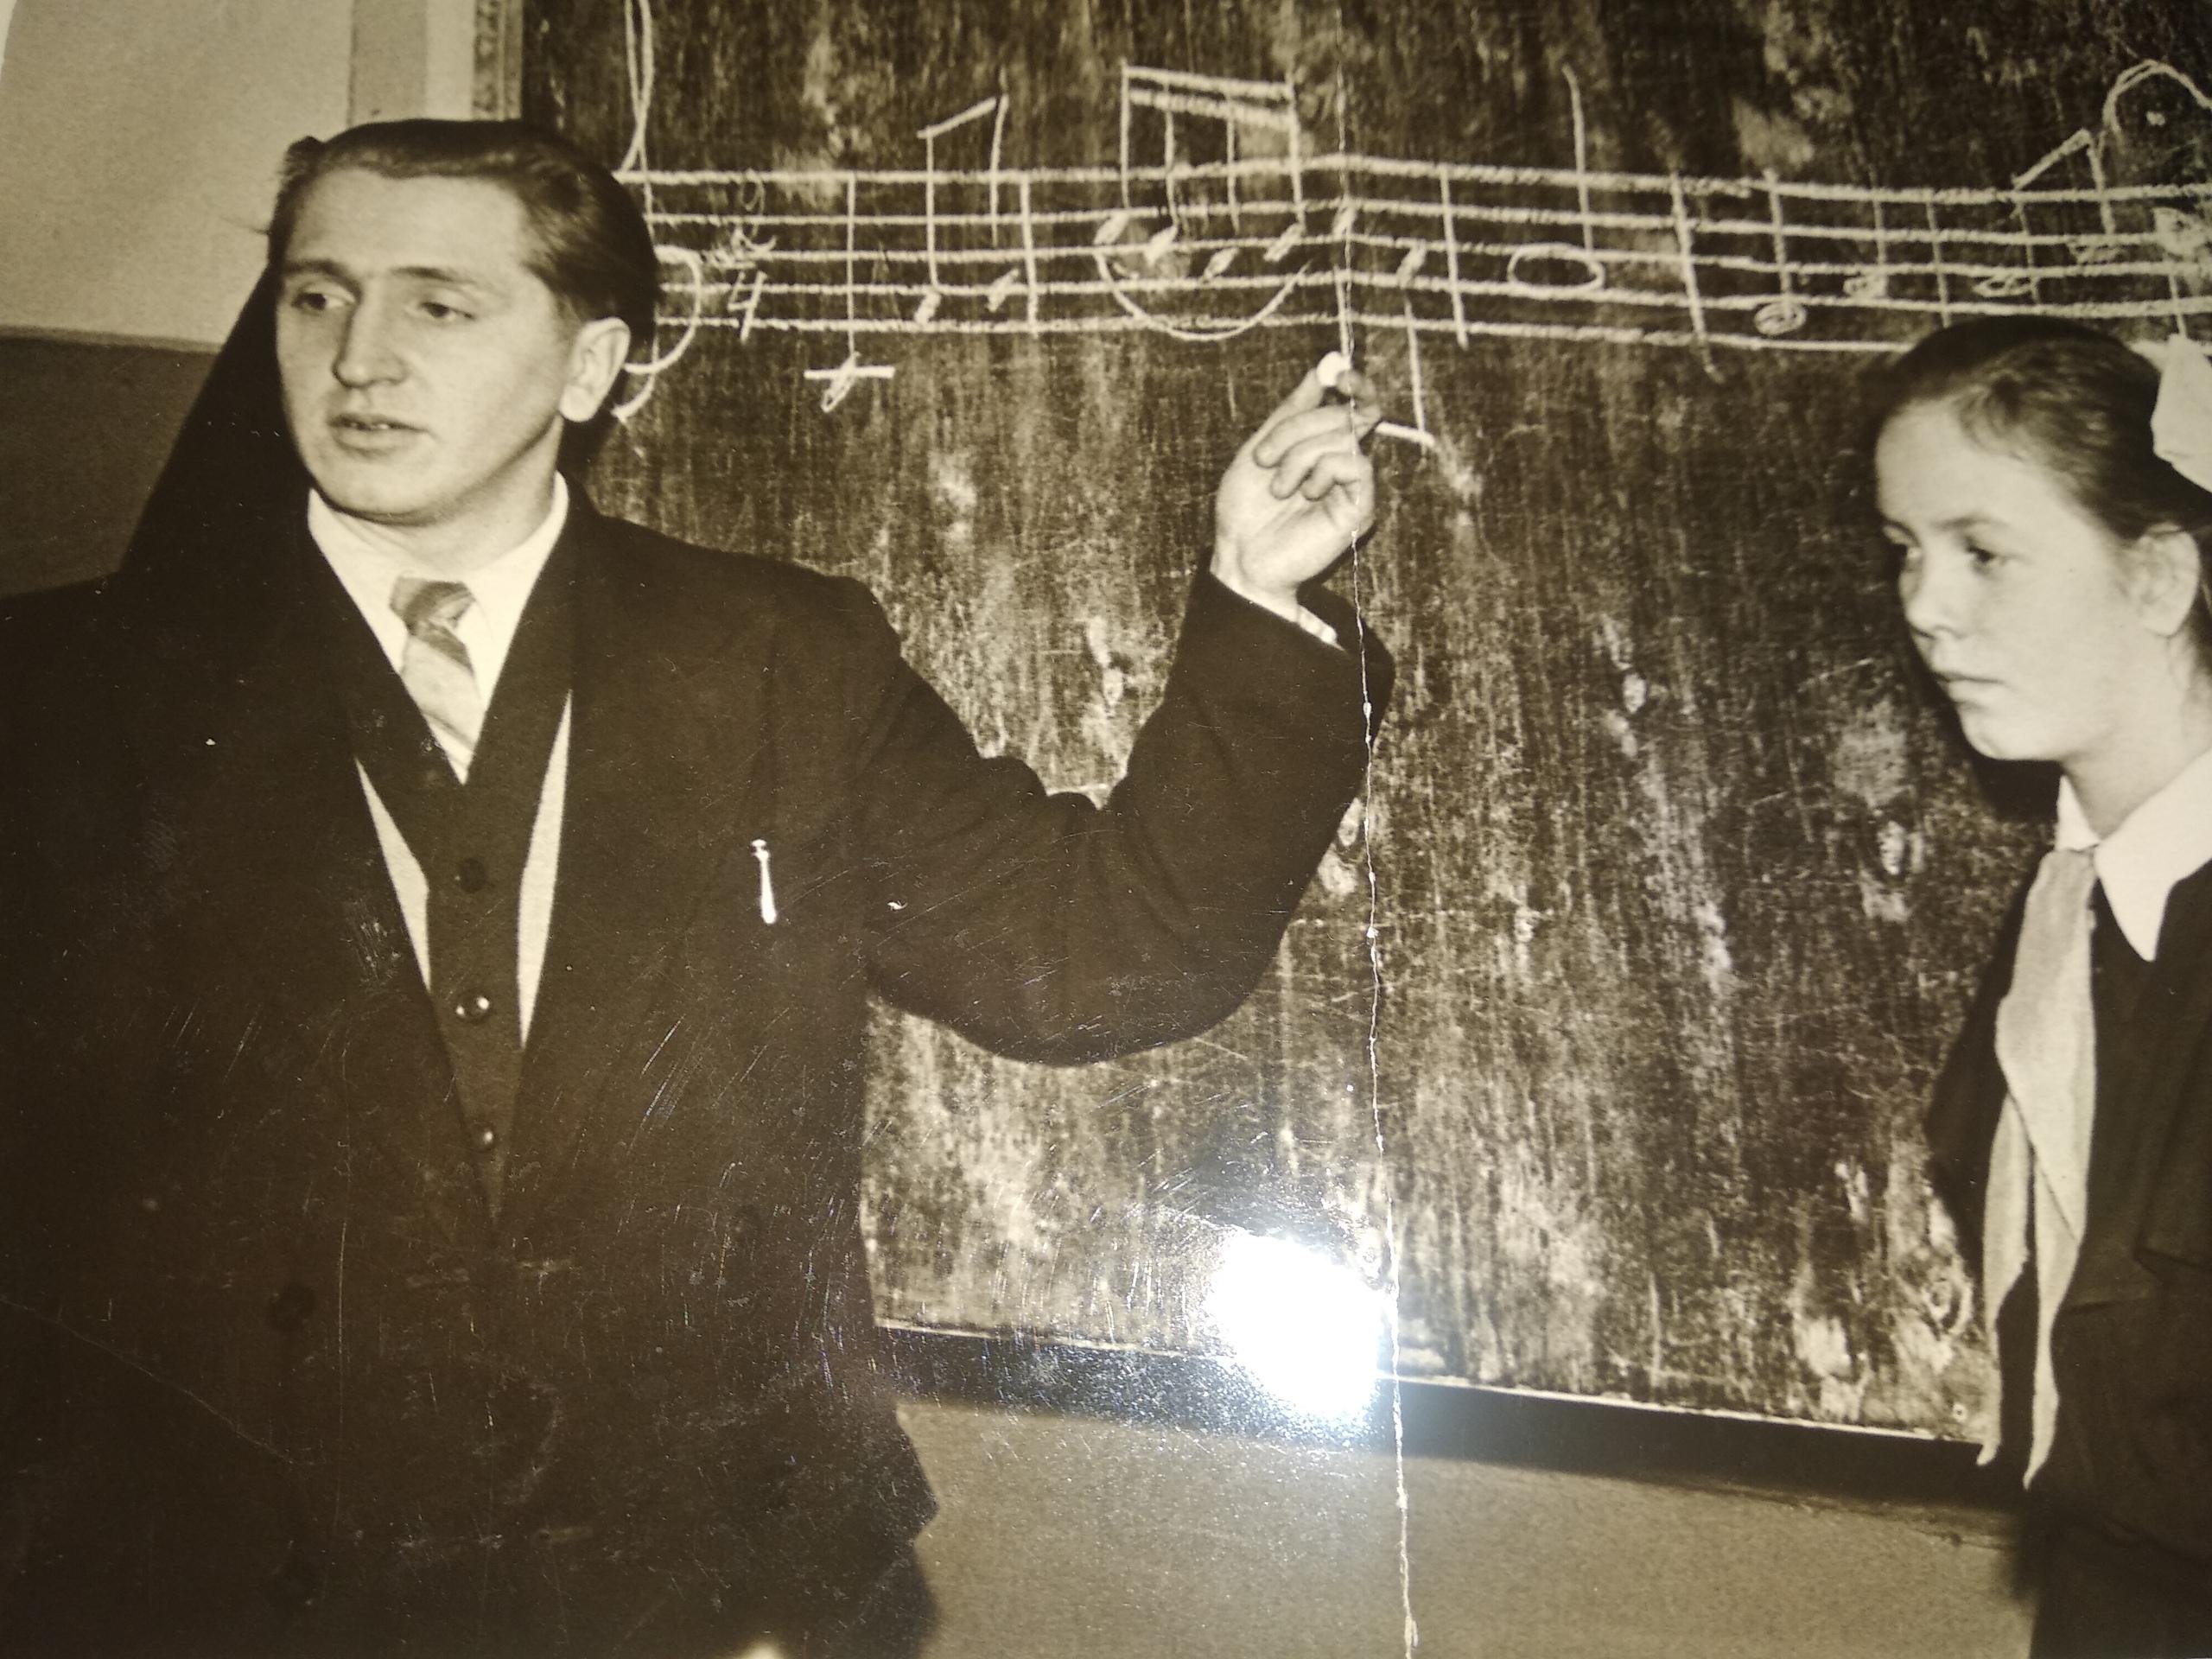 Фото 1960-ых годов, Коношская музыкальная школа, идёт